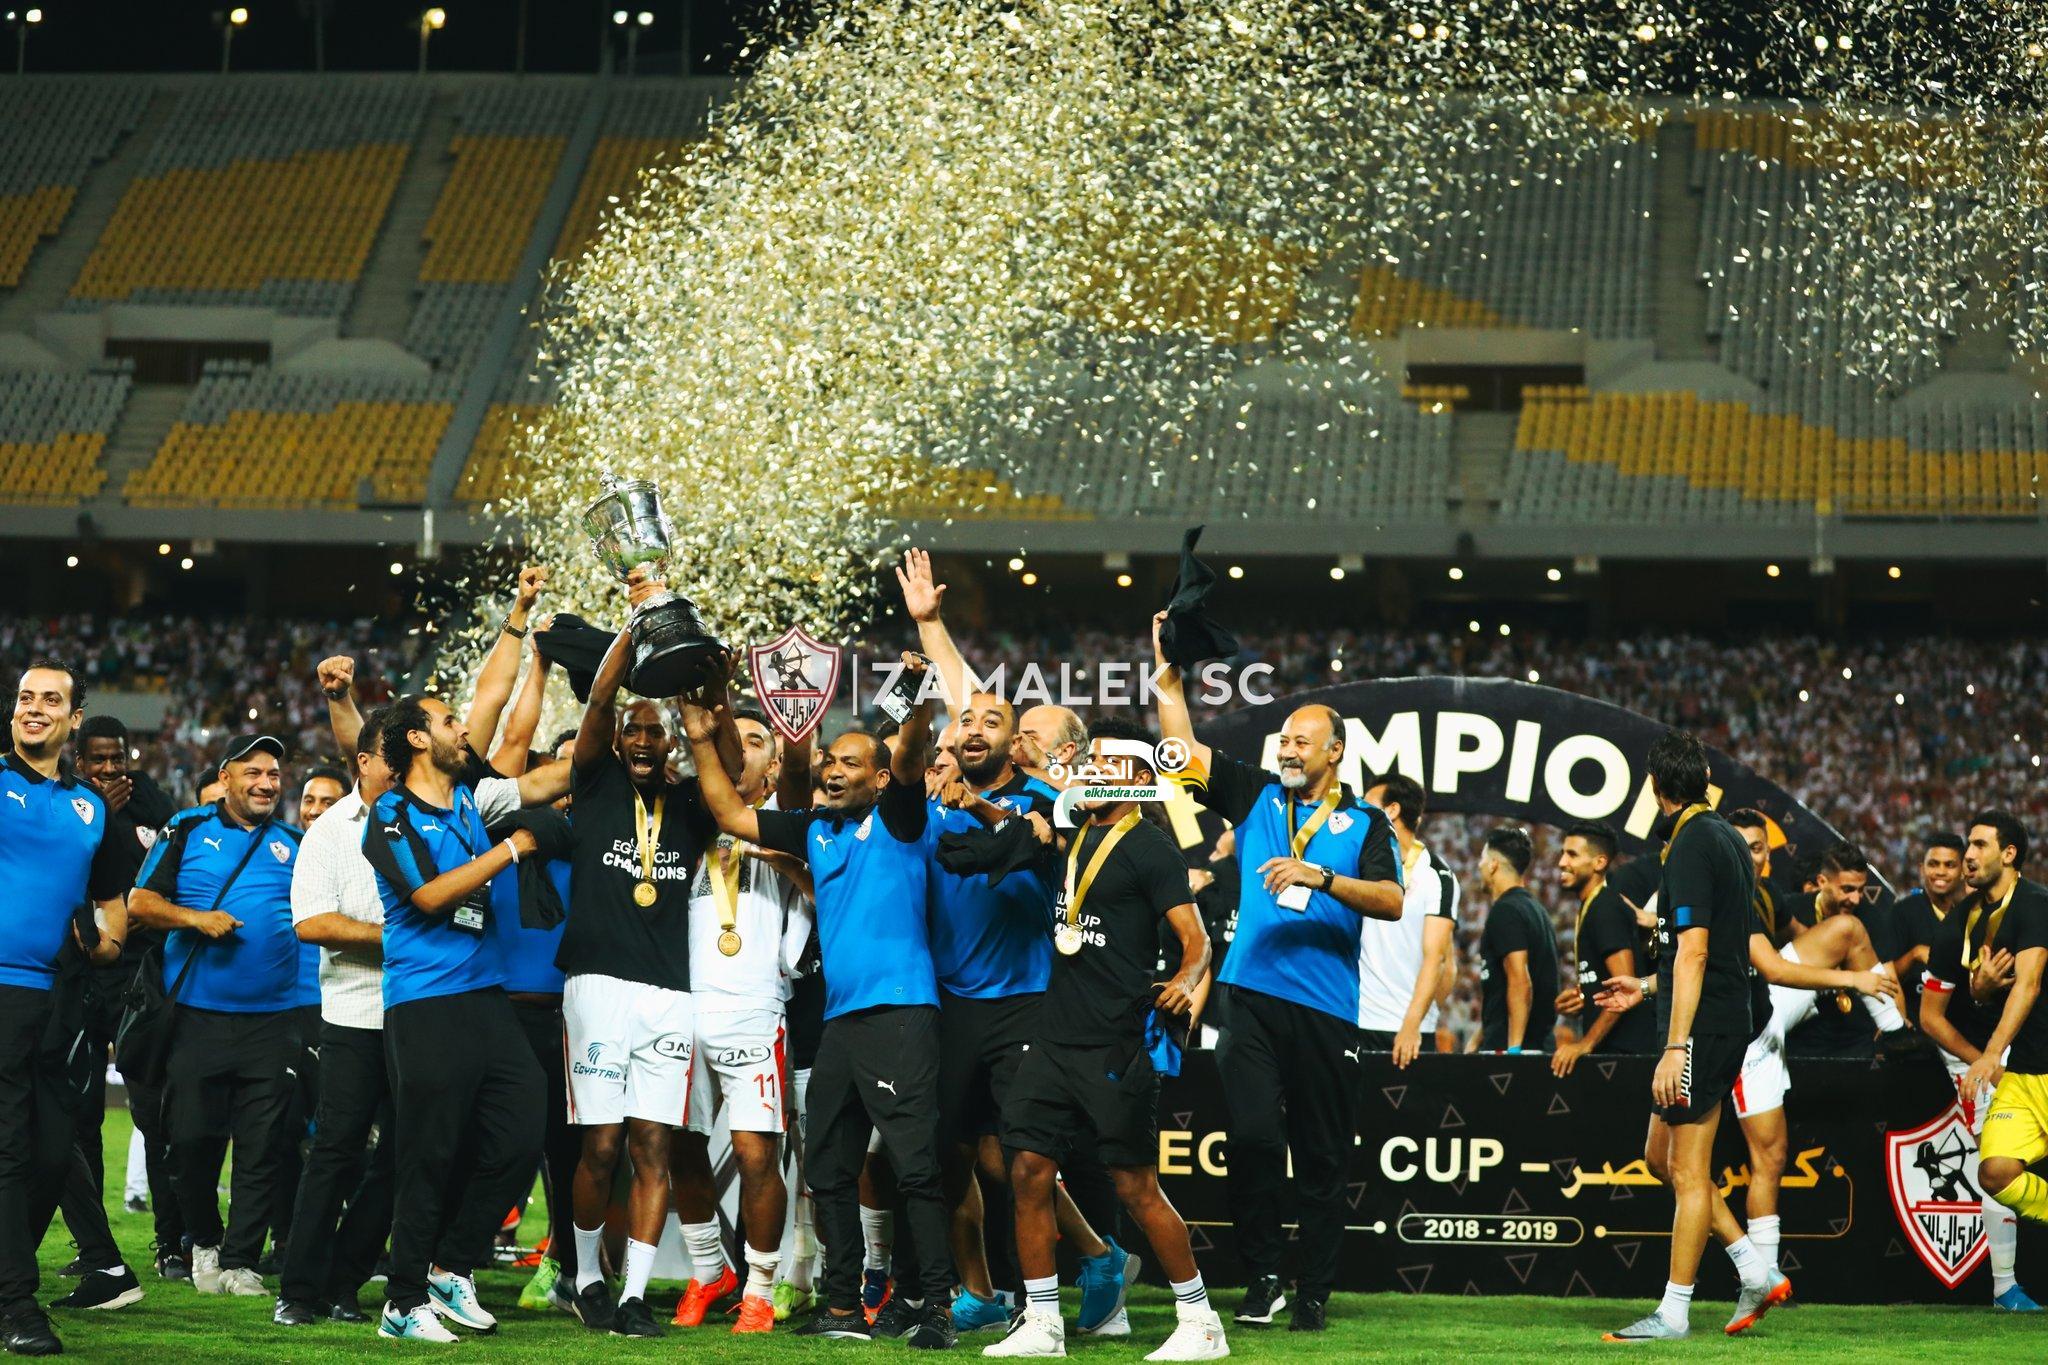 الزمالك يتوج بكأس مصر للمرة الـ27 في تاريخه 31